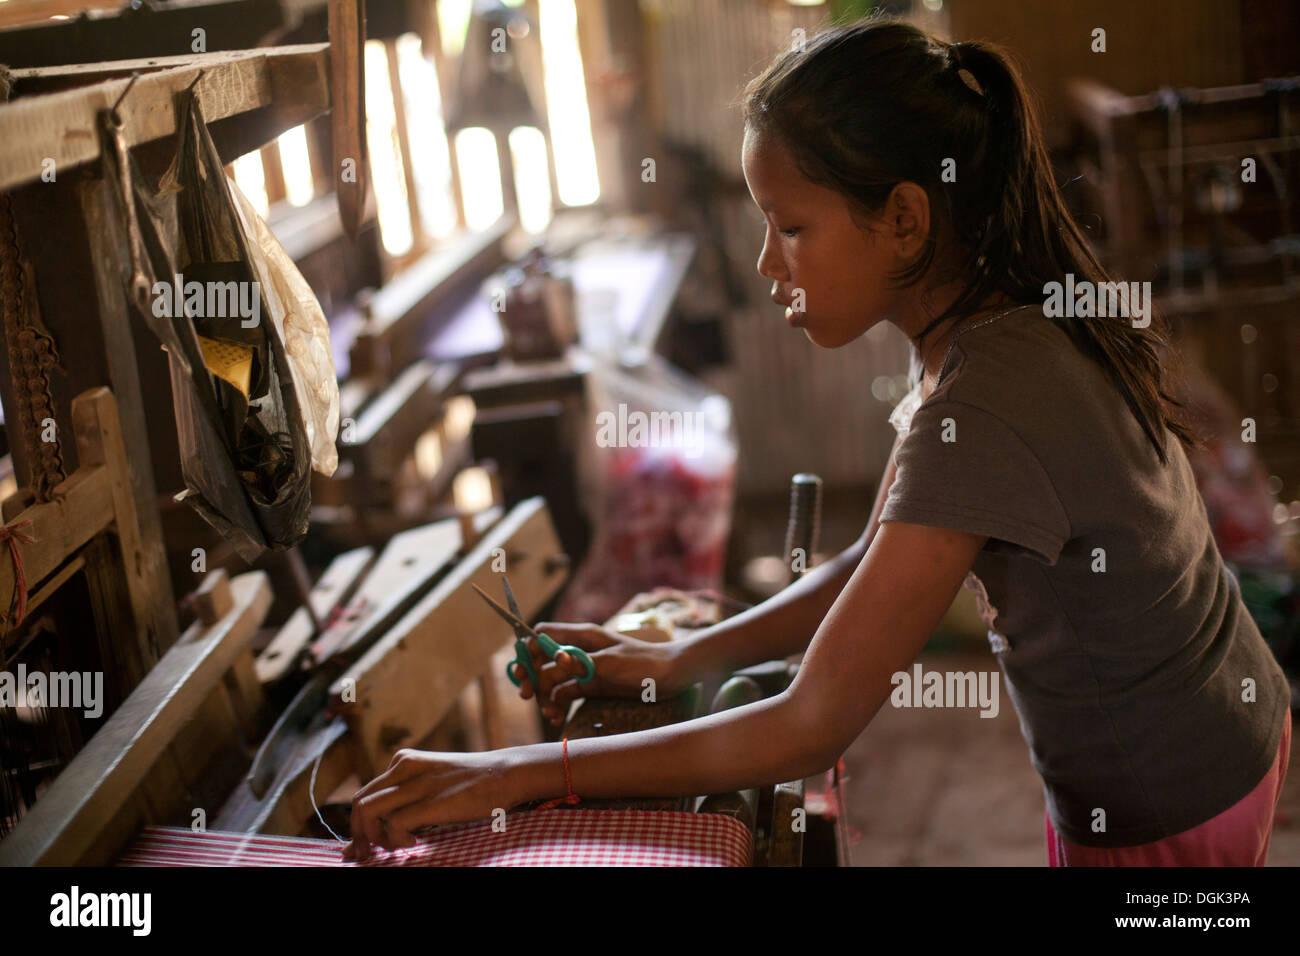 Una joven que trabaja en una fábrica textil de aldea fuera de Phnom Penh, Camboya. Dennis Drenner fotos © 2013. Imagen De Stock